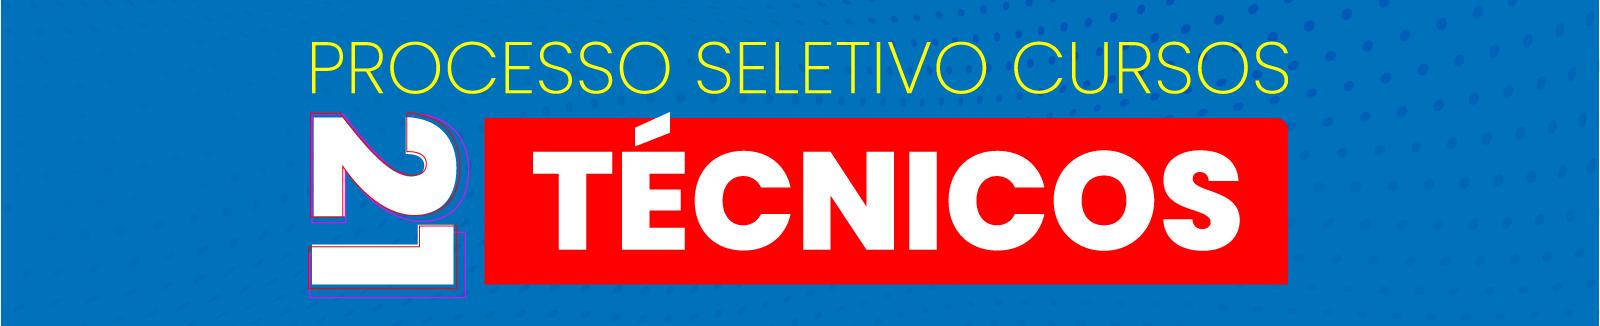 Processo Seletico cursos técnicos 2021/1 cref